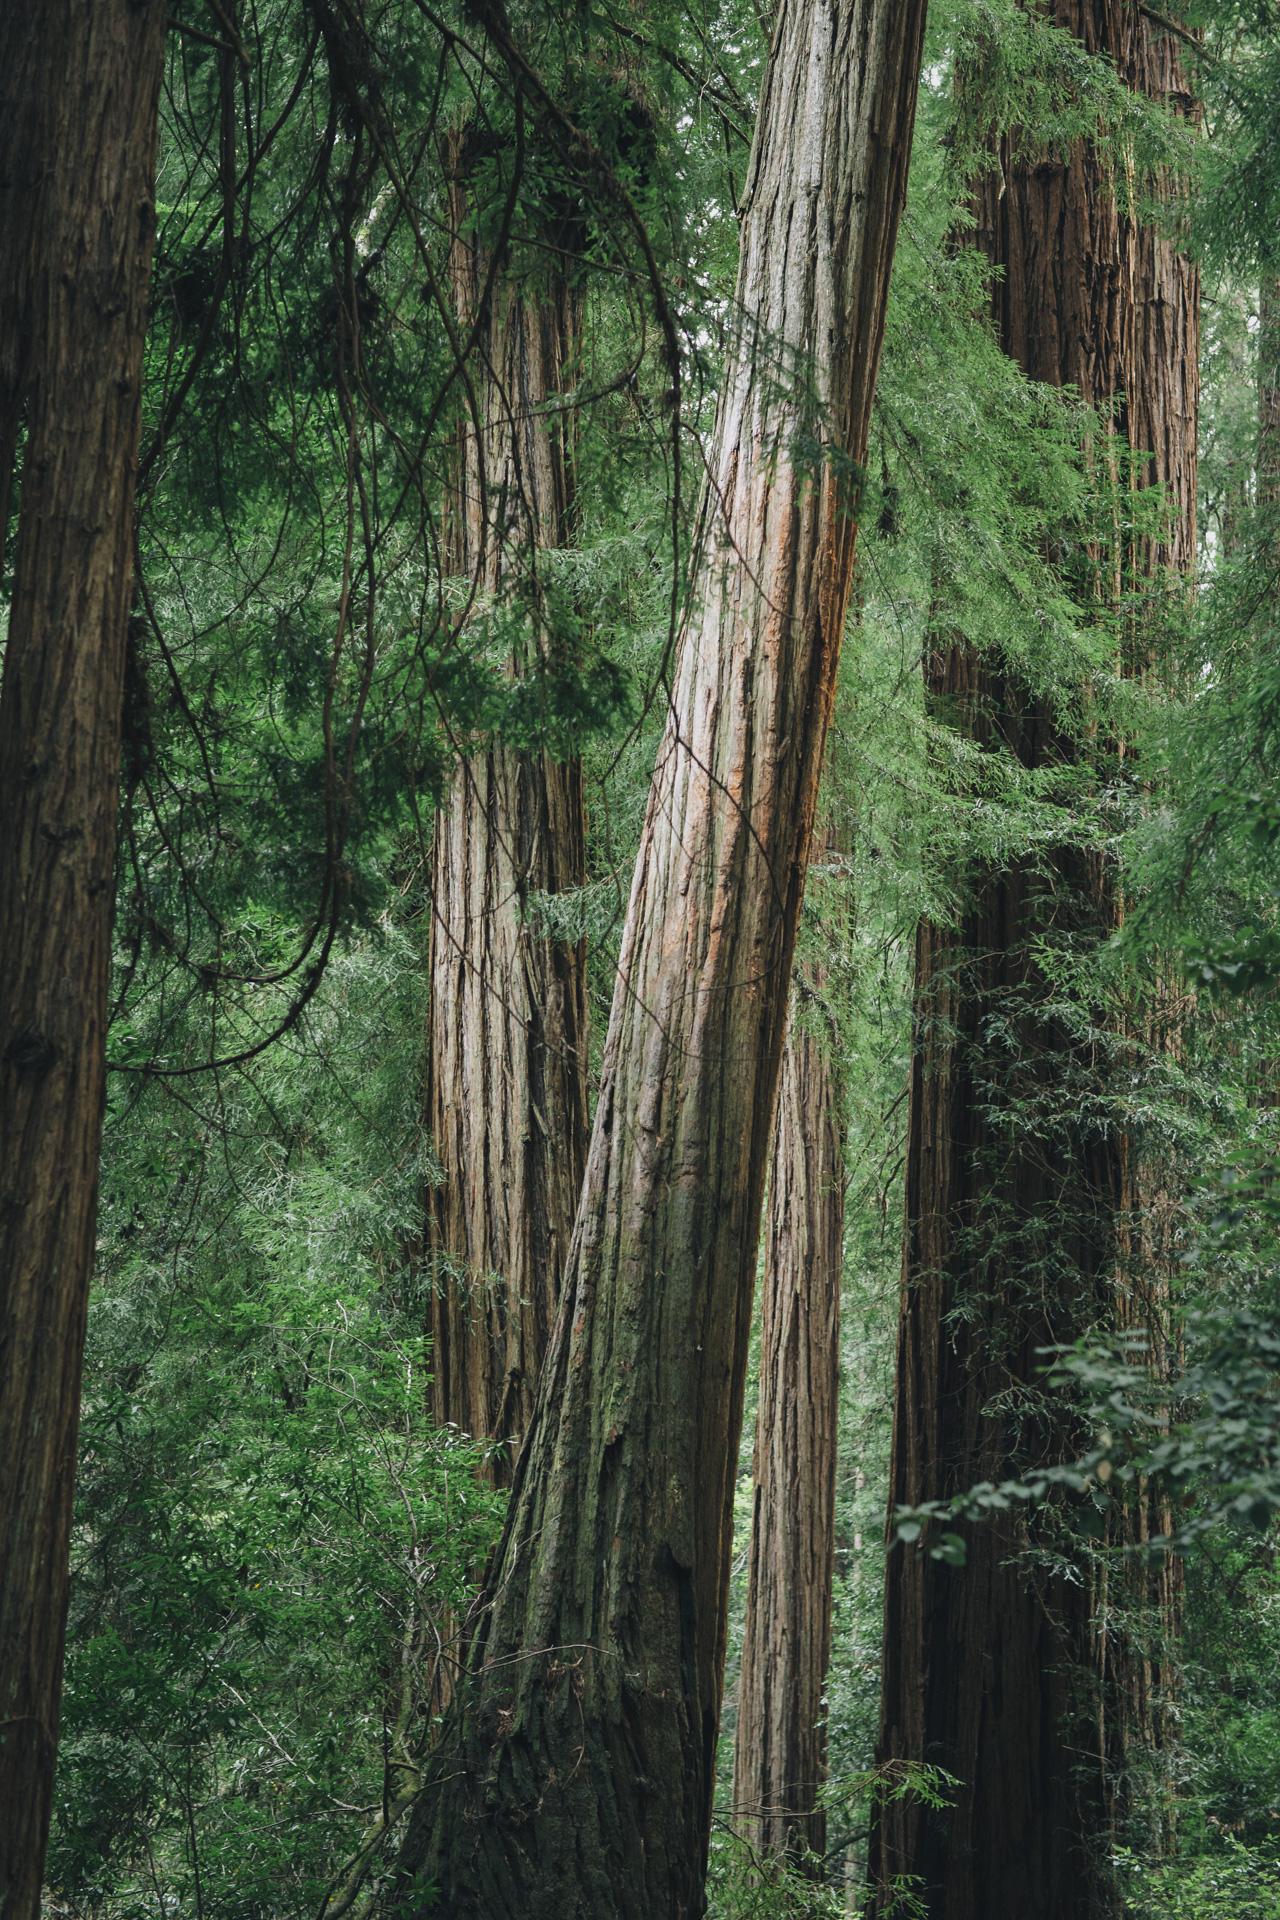 L+S_muir woods_low res-003.jpg